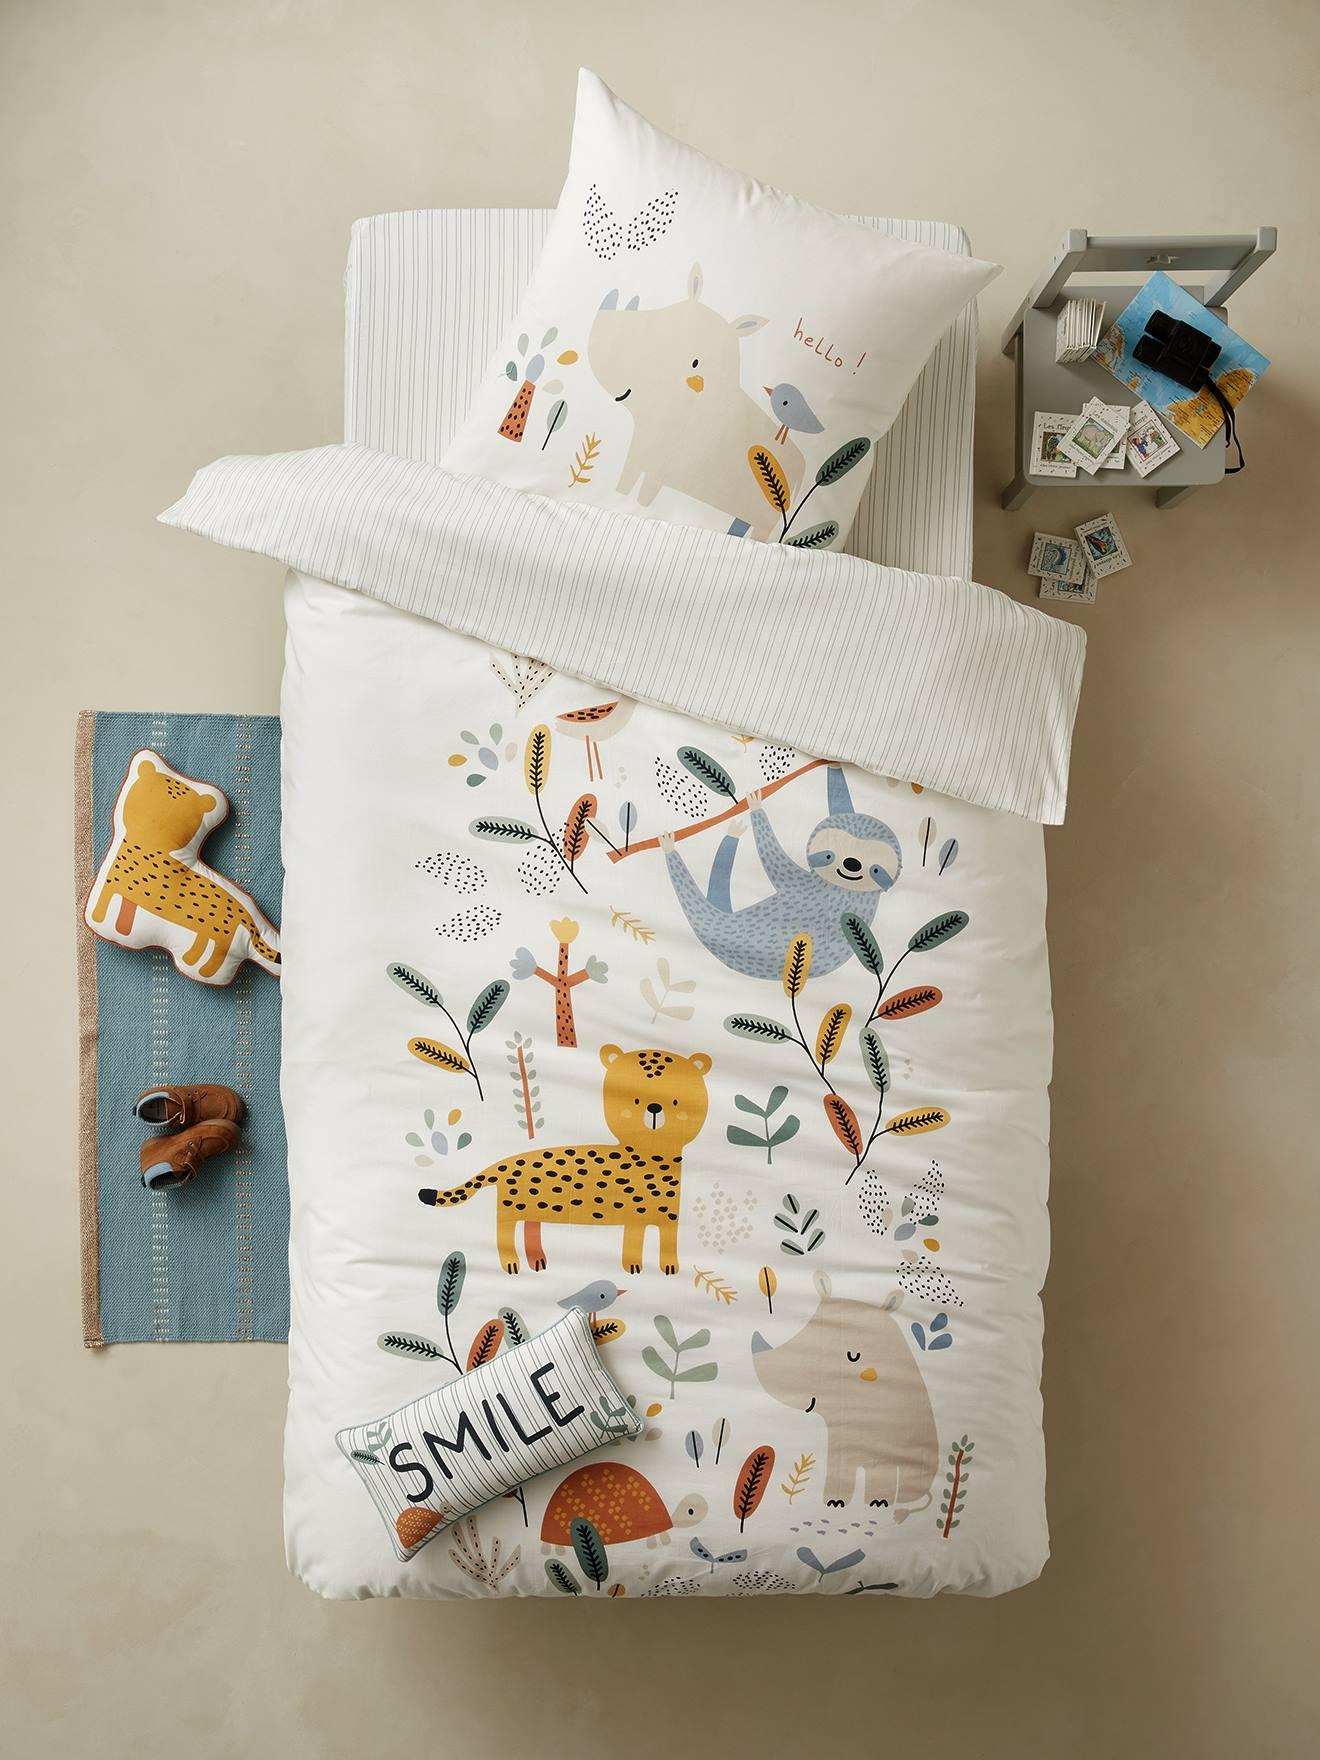 Children S Duvet Cover Pillowcase Set Jungle Paradise White Light All Over Printed Bedding Decor Vertbaudet